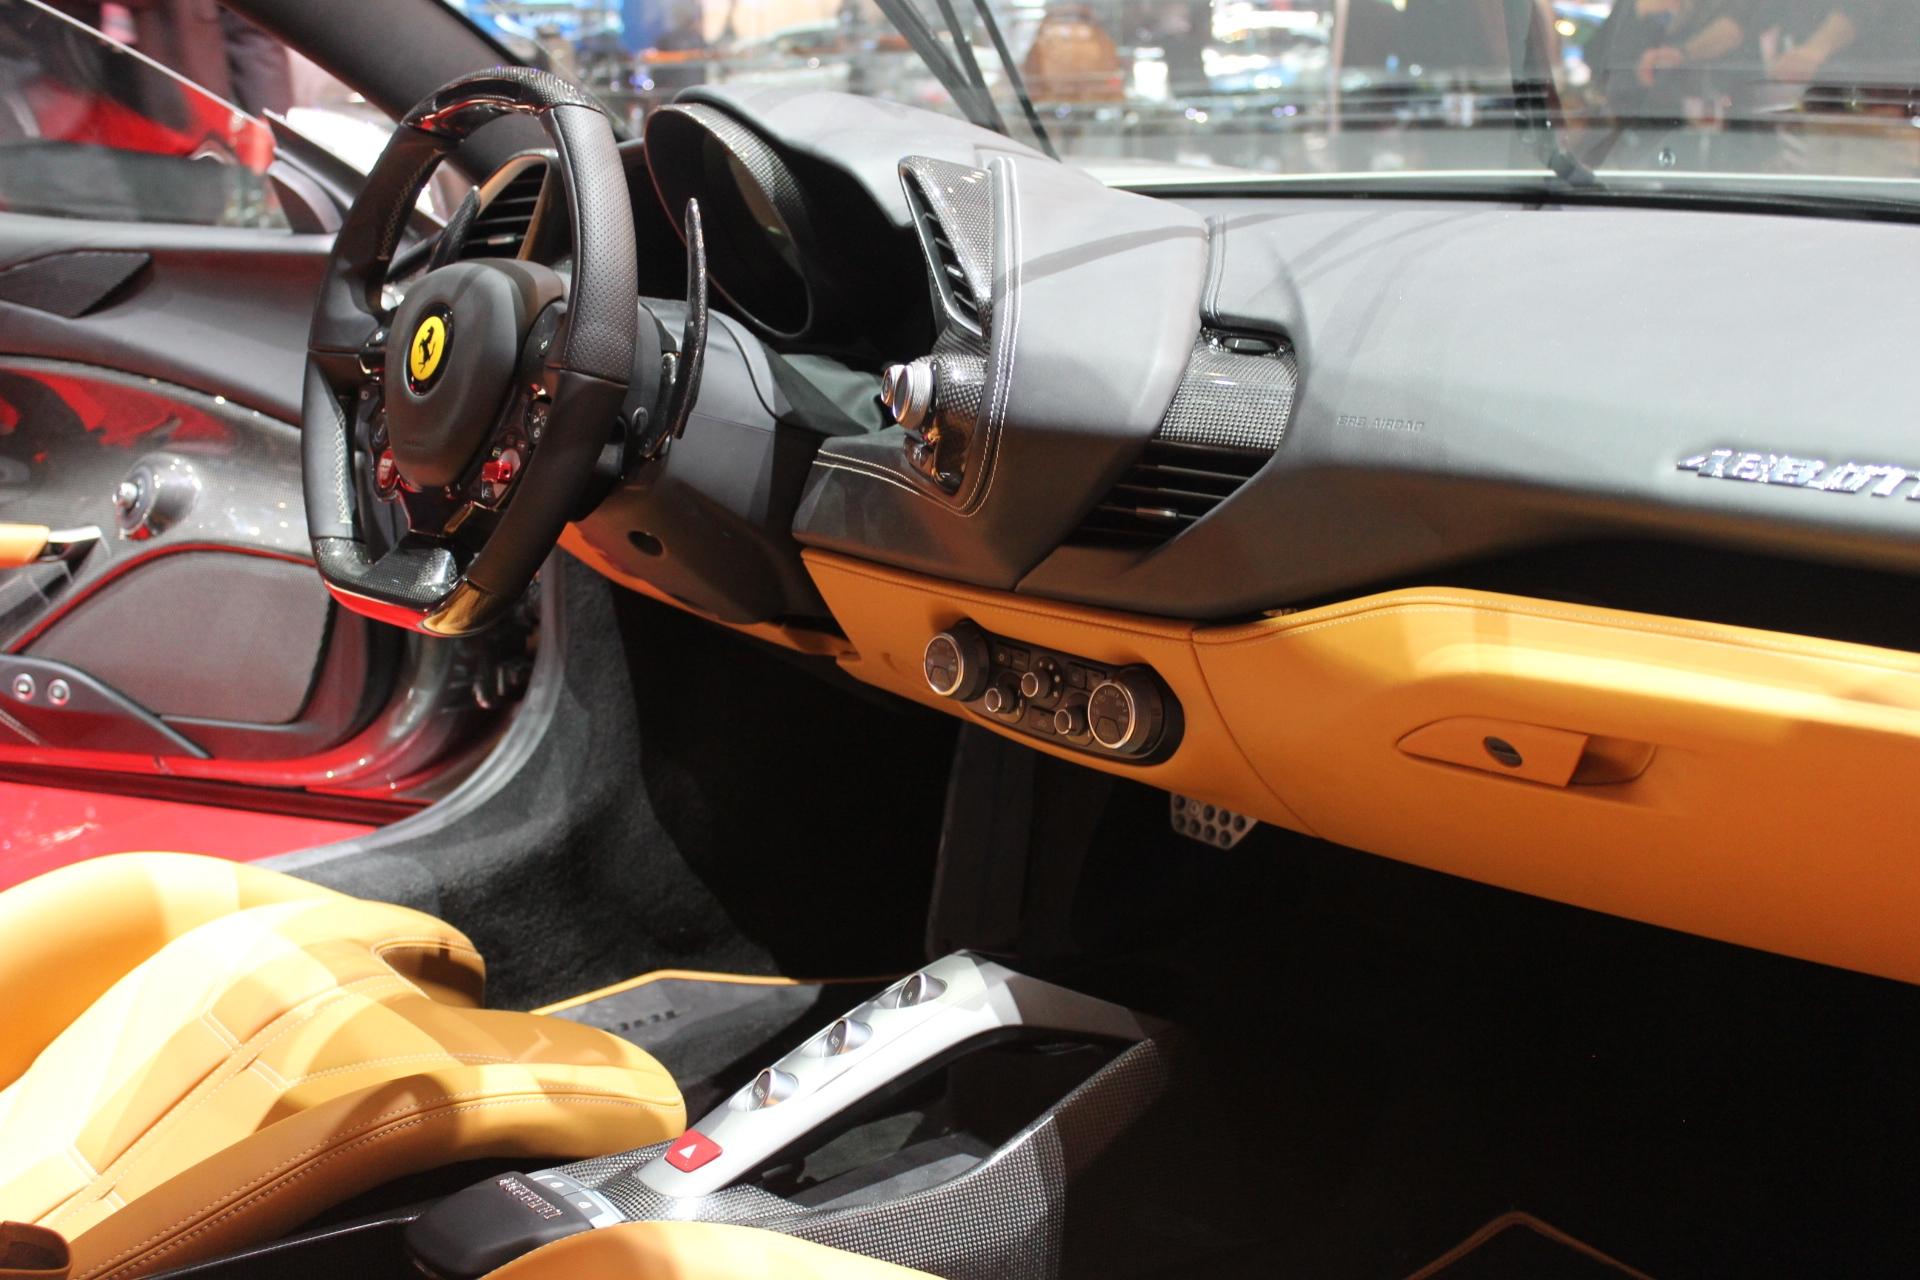 S0-Ferrari-488-GTB-les-bienfaits-du-turbo-En-direct-du-salon-de-Geneve-2015-347044